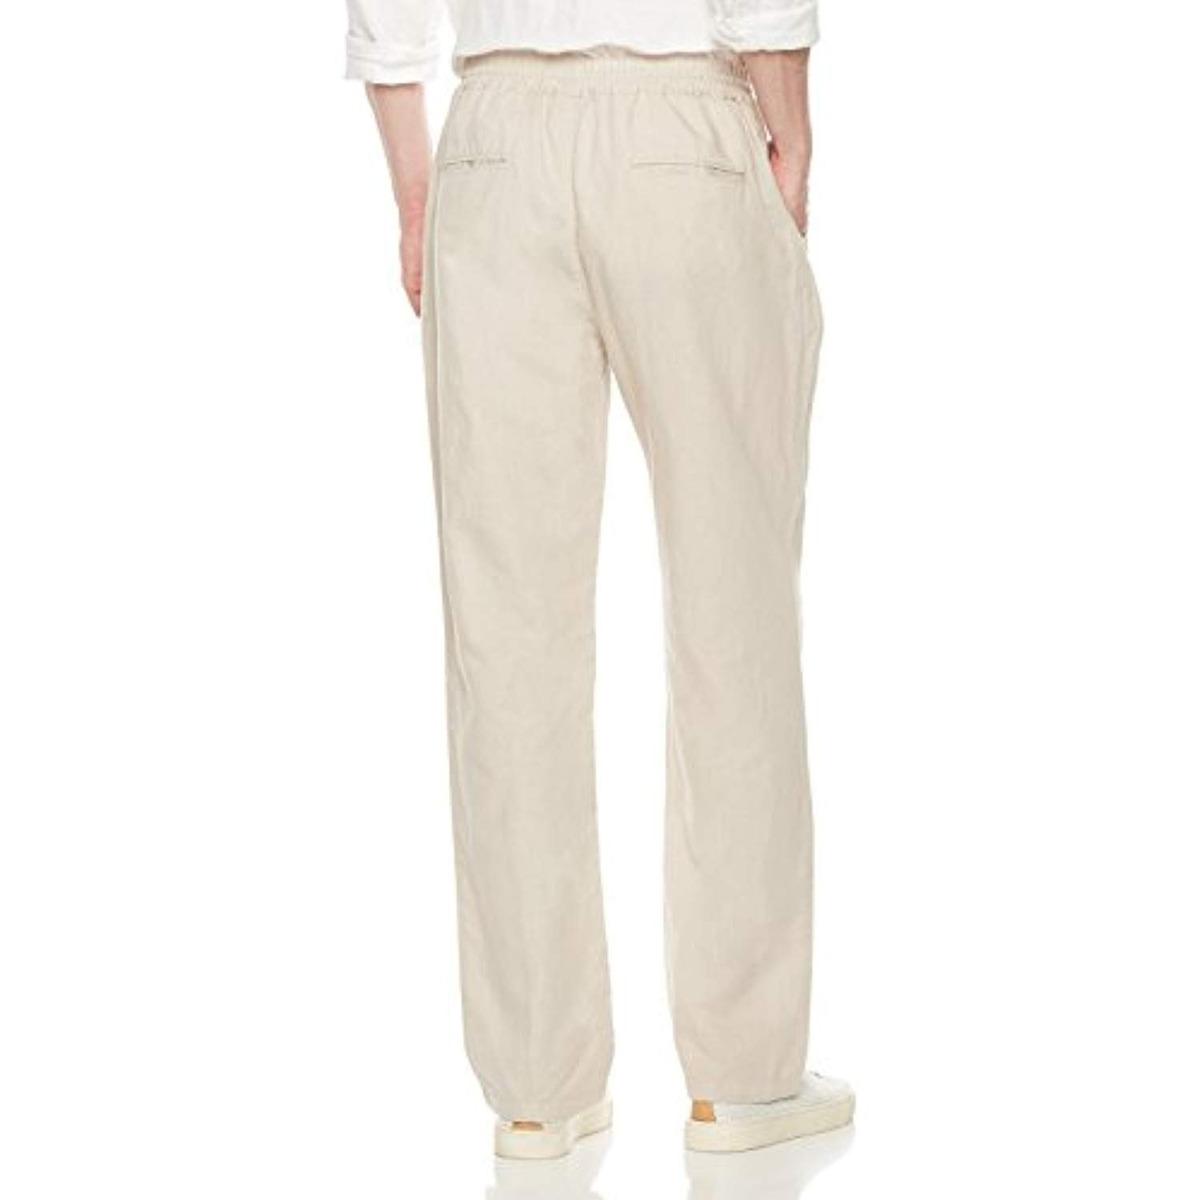 d4b8545b0676 Pantalones Para Hombre Isle Bay Linens Men - $ 1,839.95 en Mercado Libre